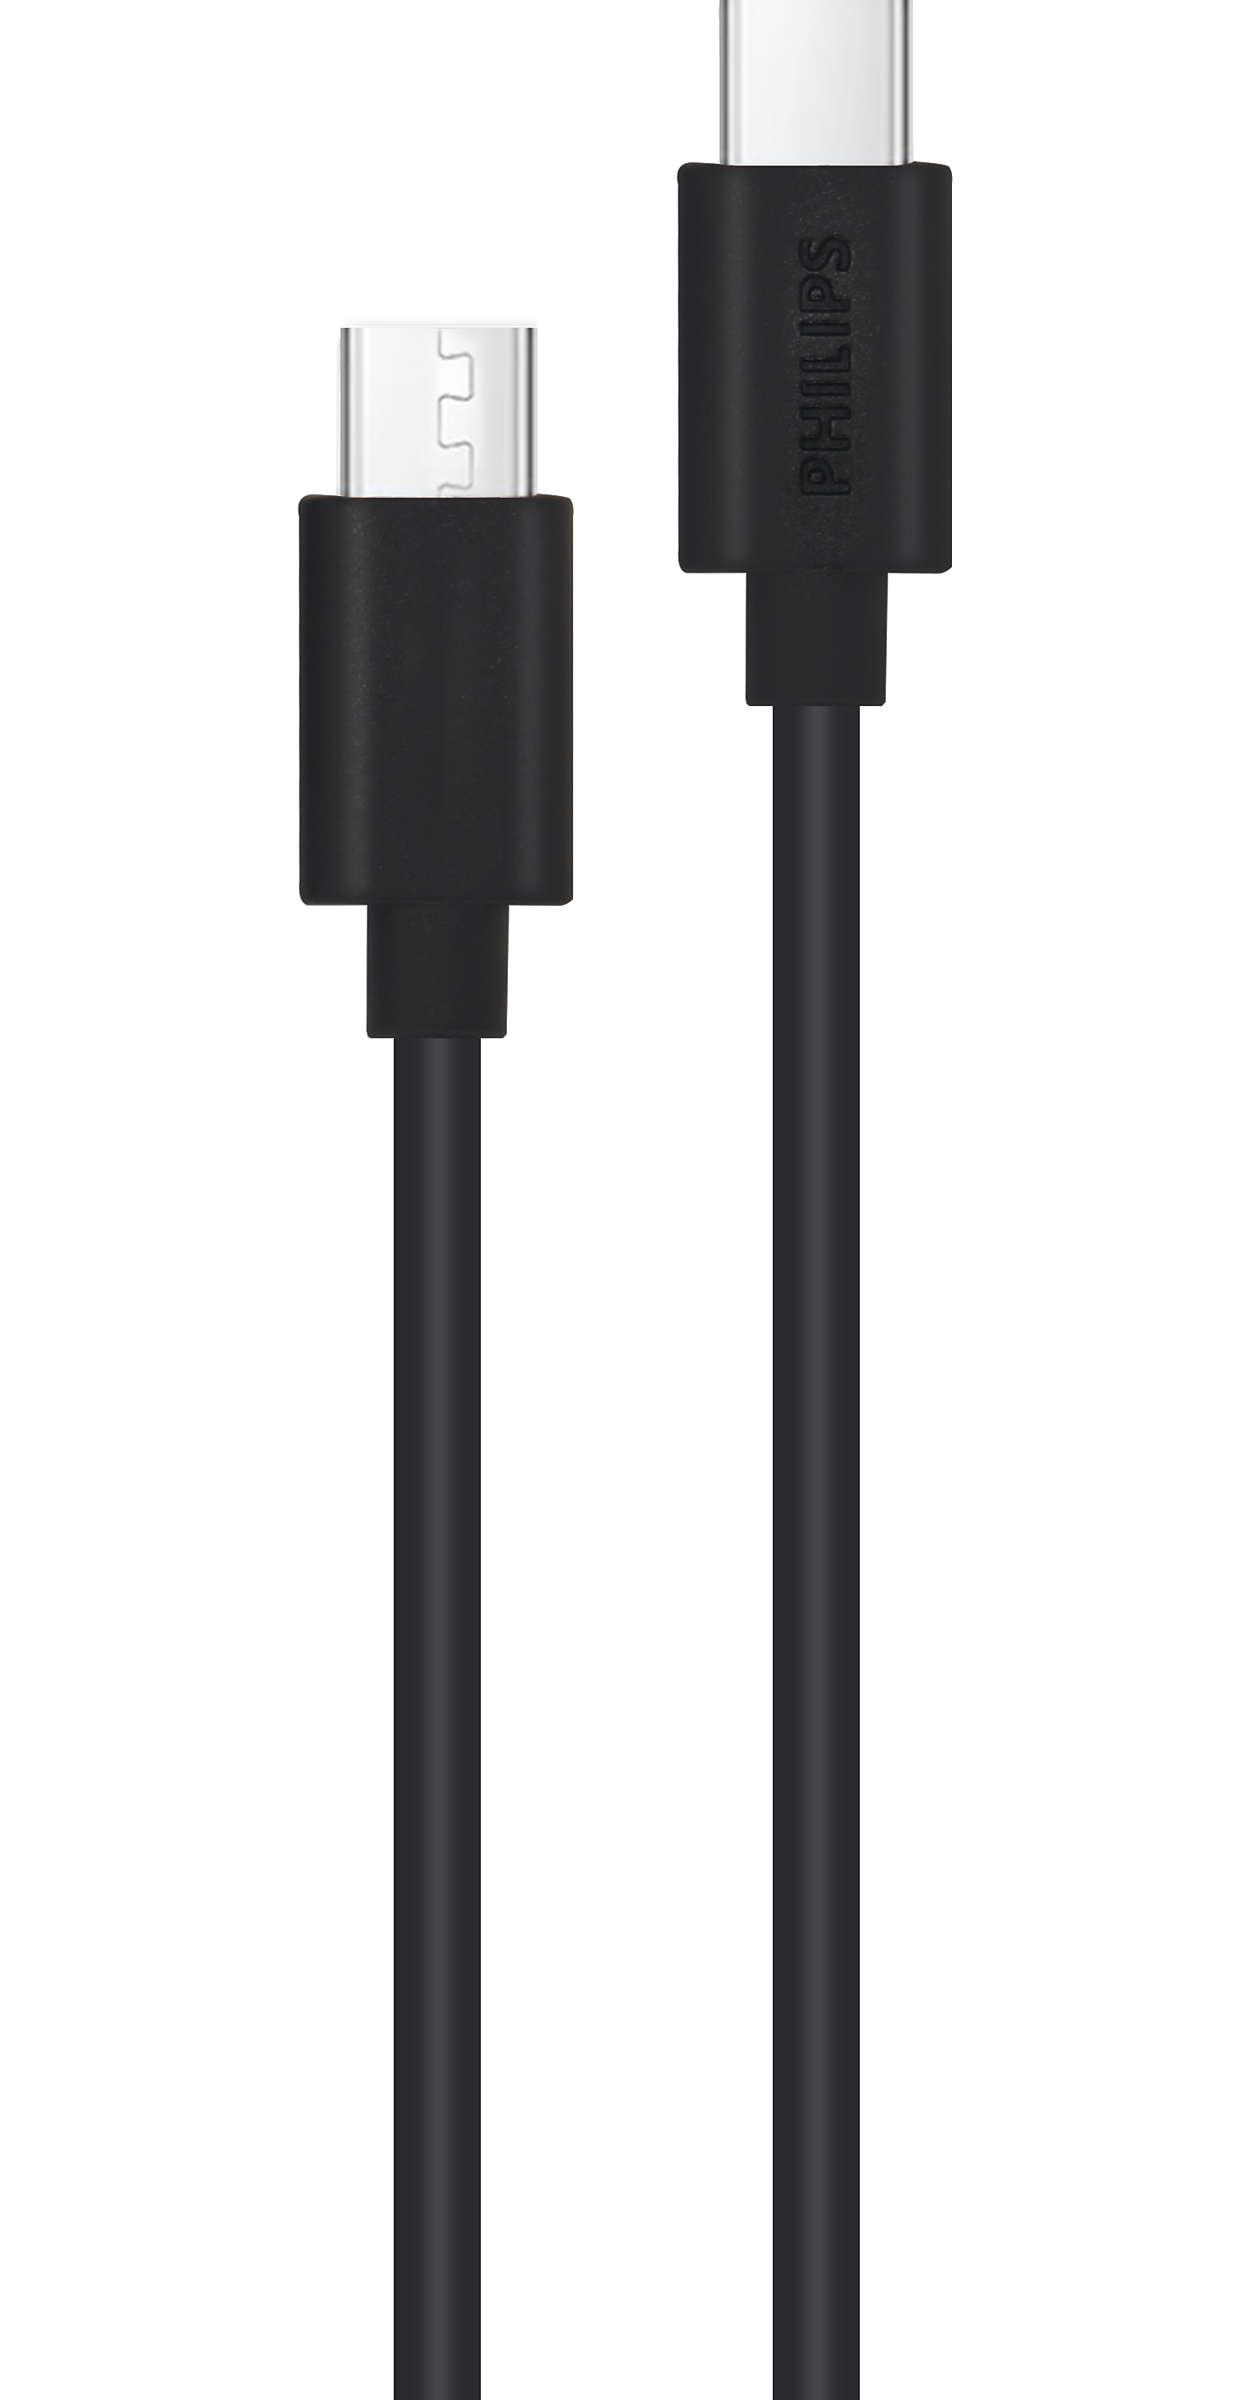 1,2 m USB-C til USB-C-kabel